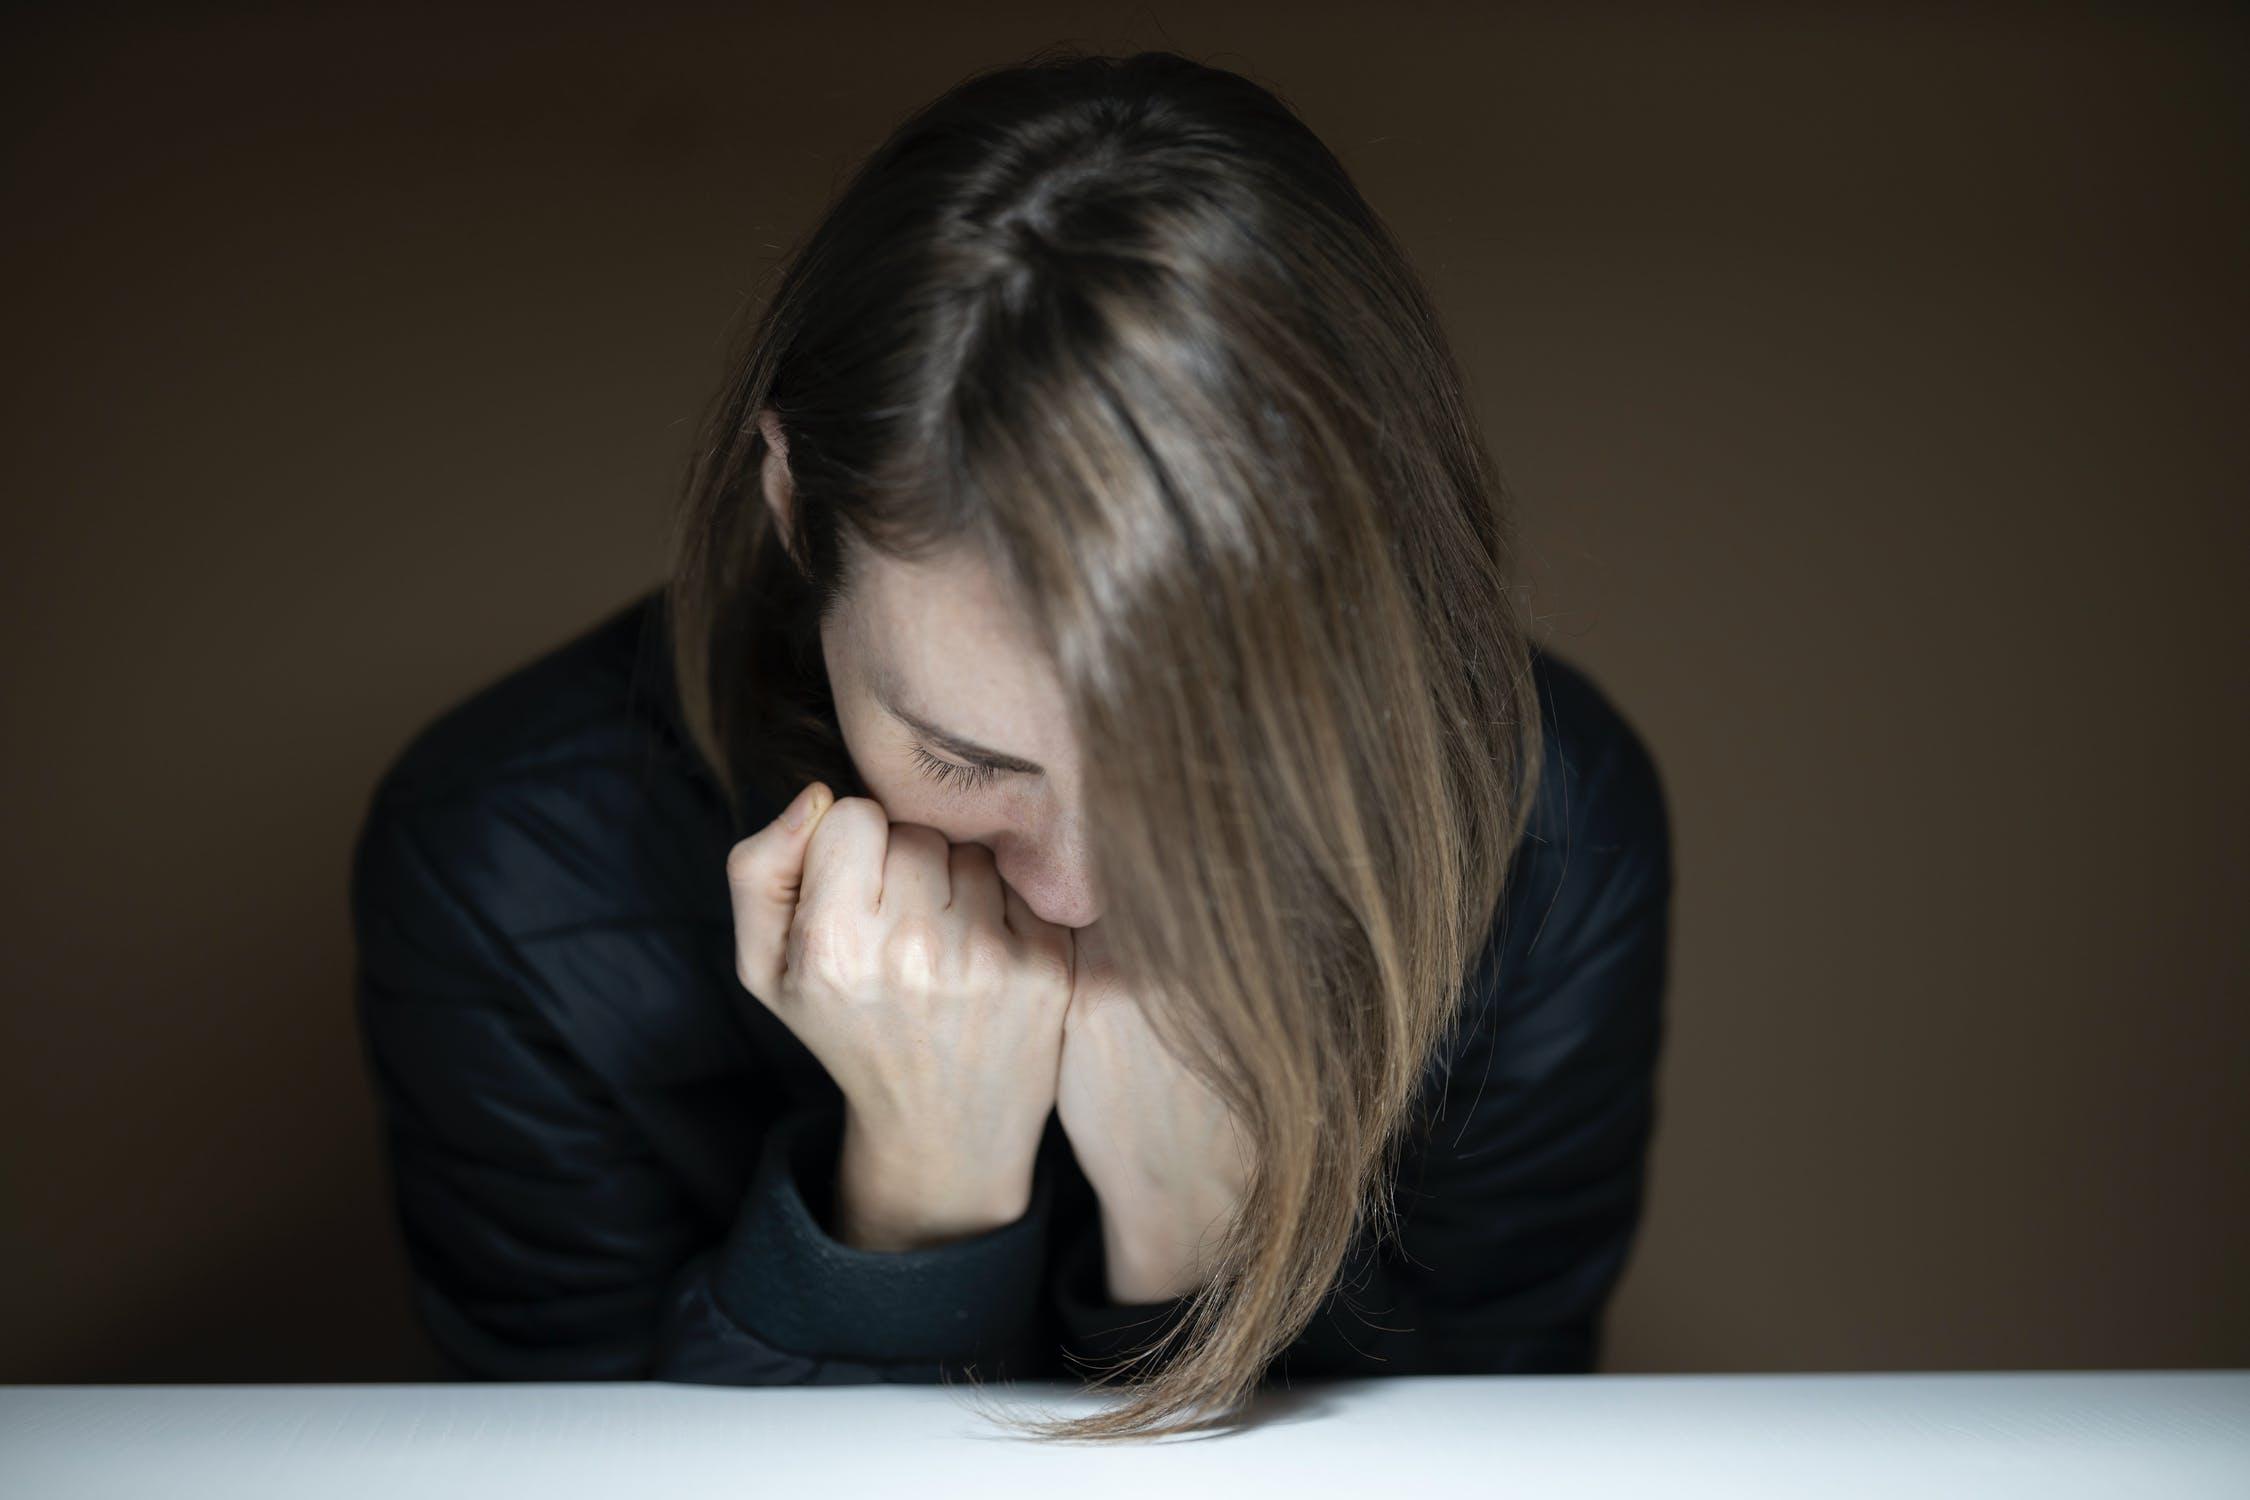 โรคซึมเศร้า ทดสอบ